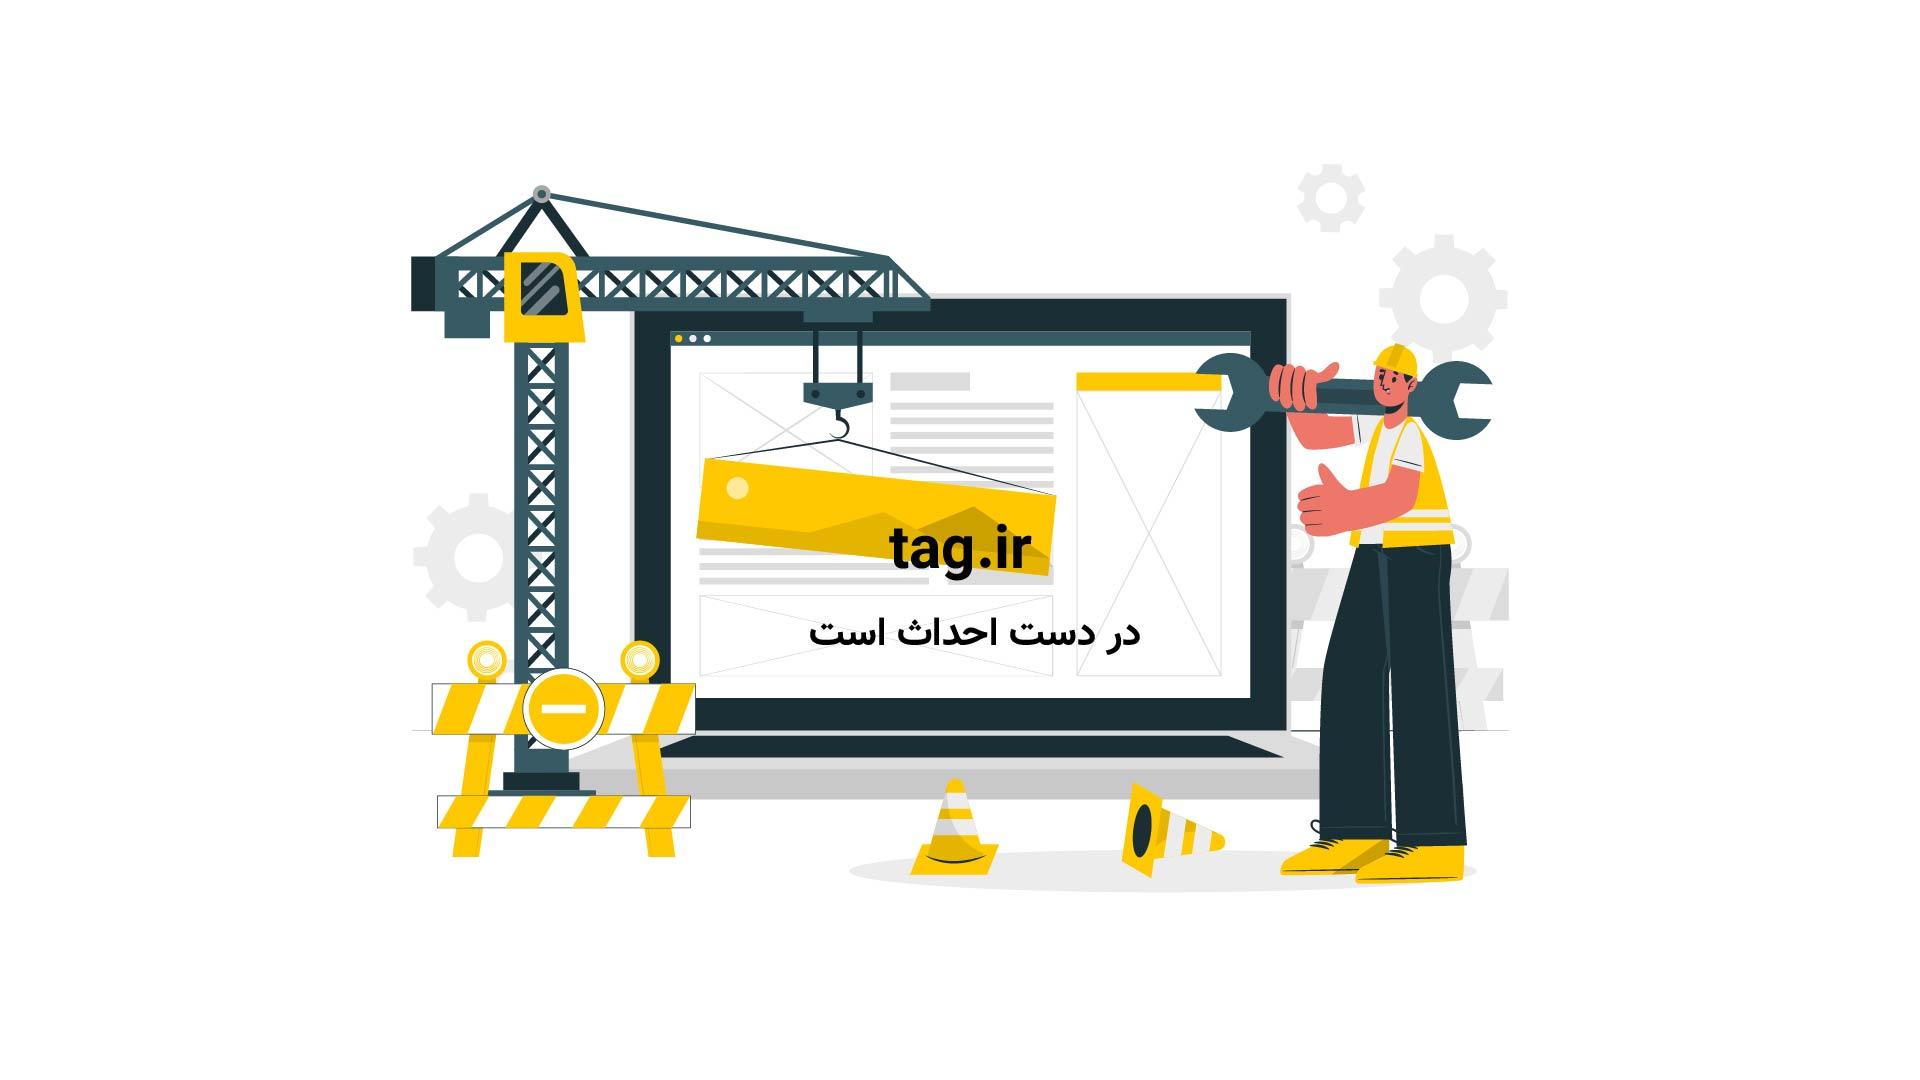 اگر کمبود کلسیم دارید این سبزیجات را روزانه میل کنید | فیلم